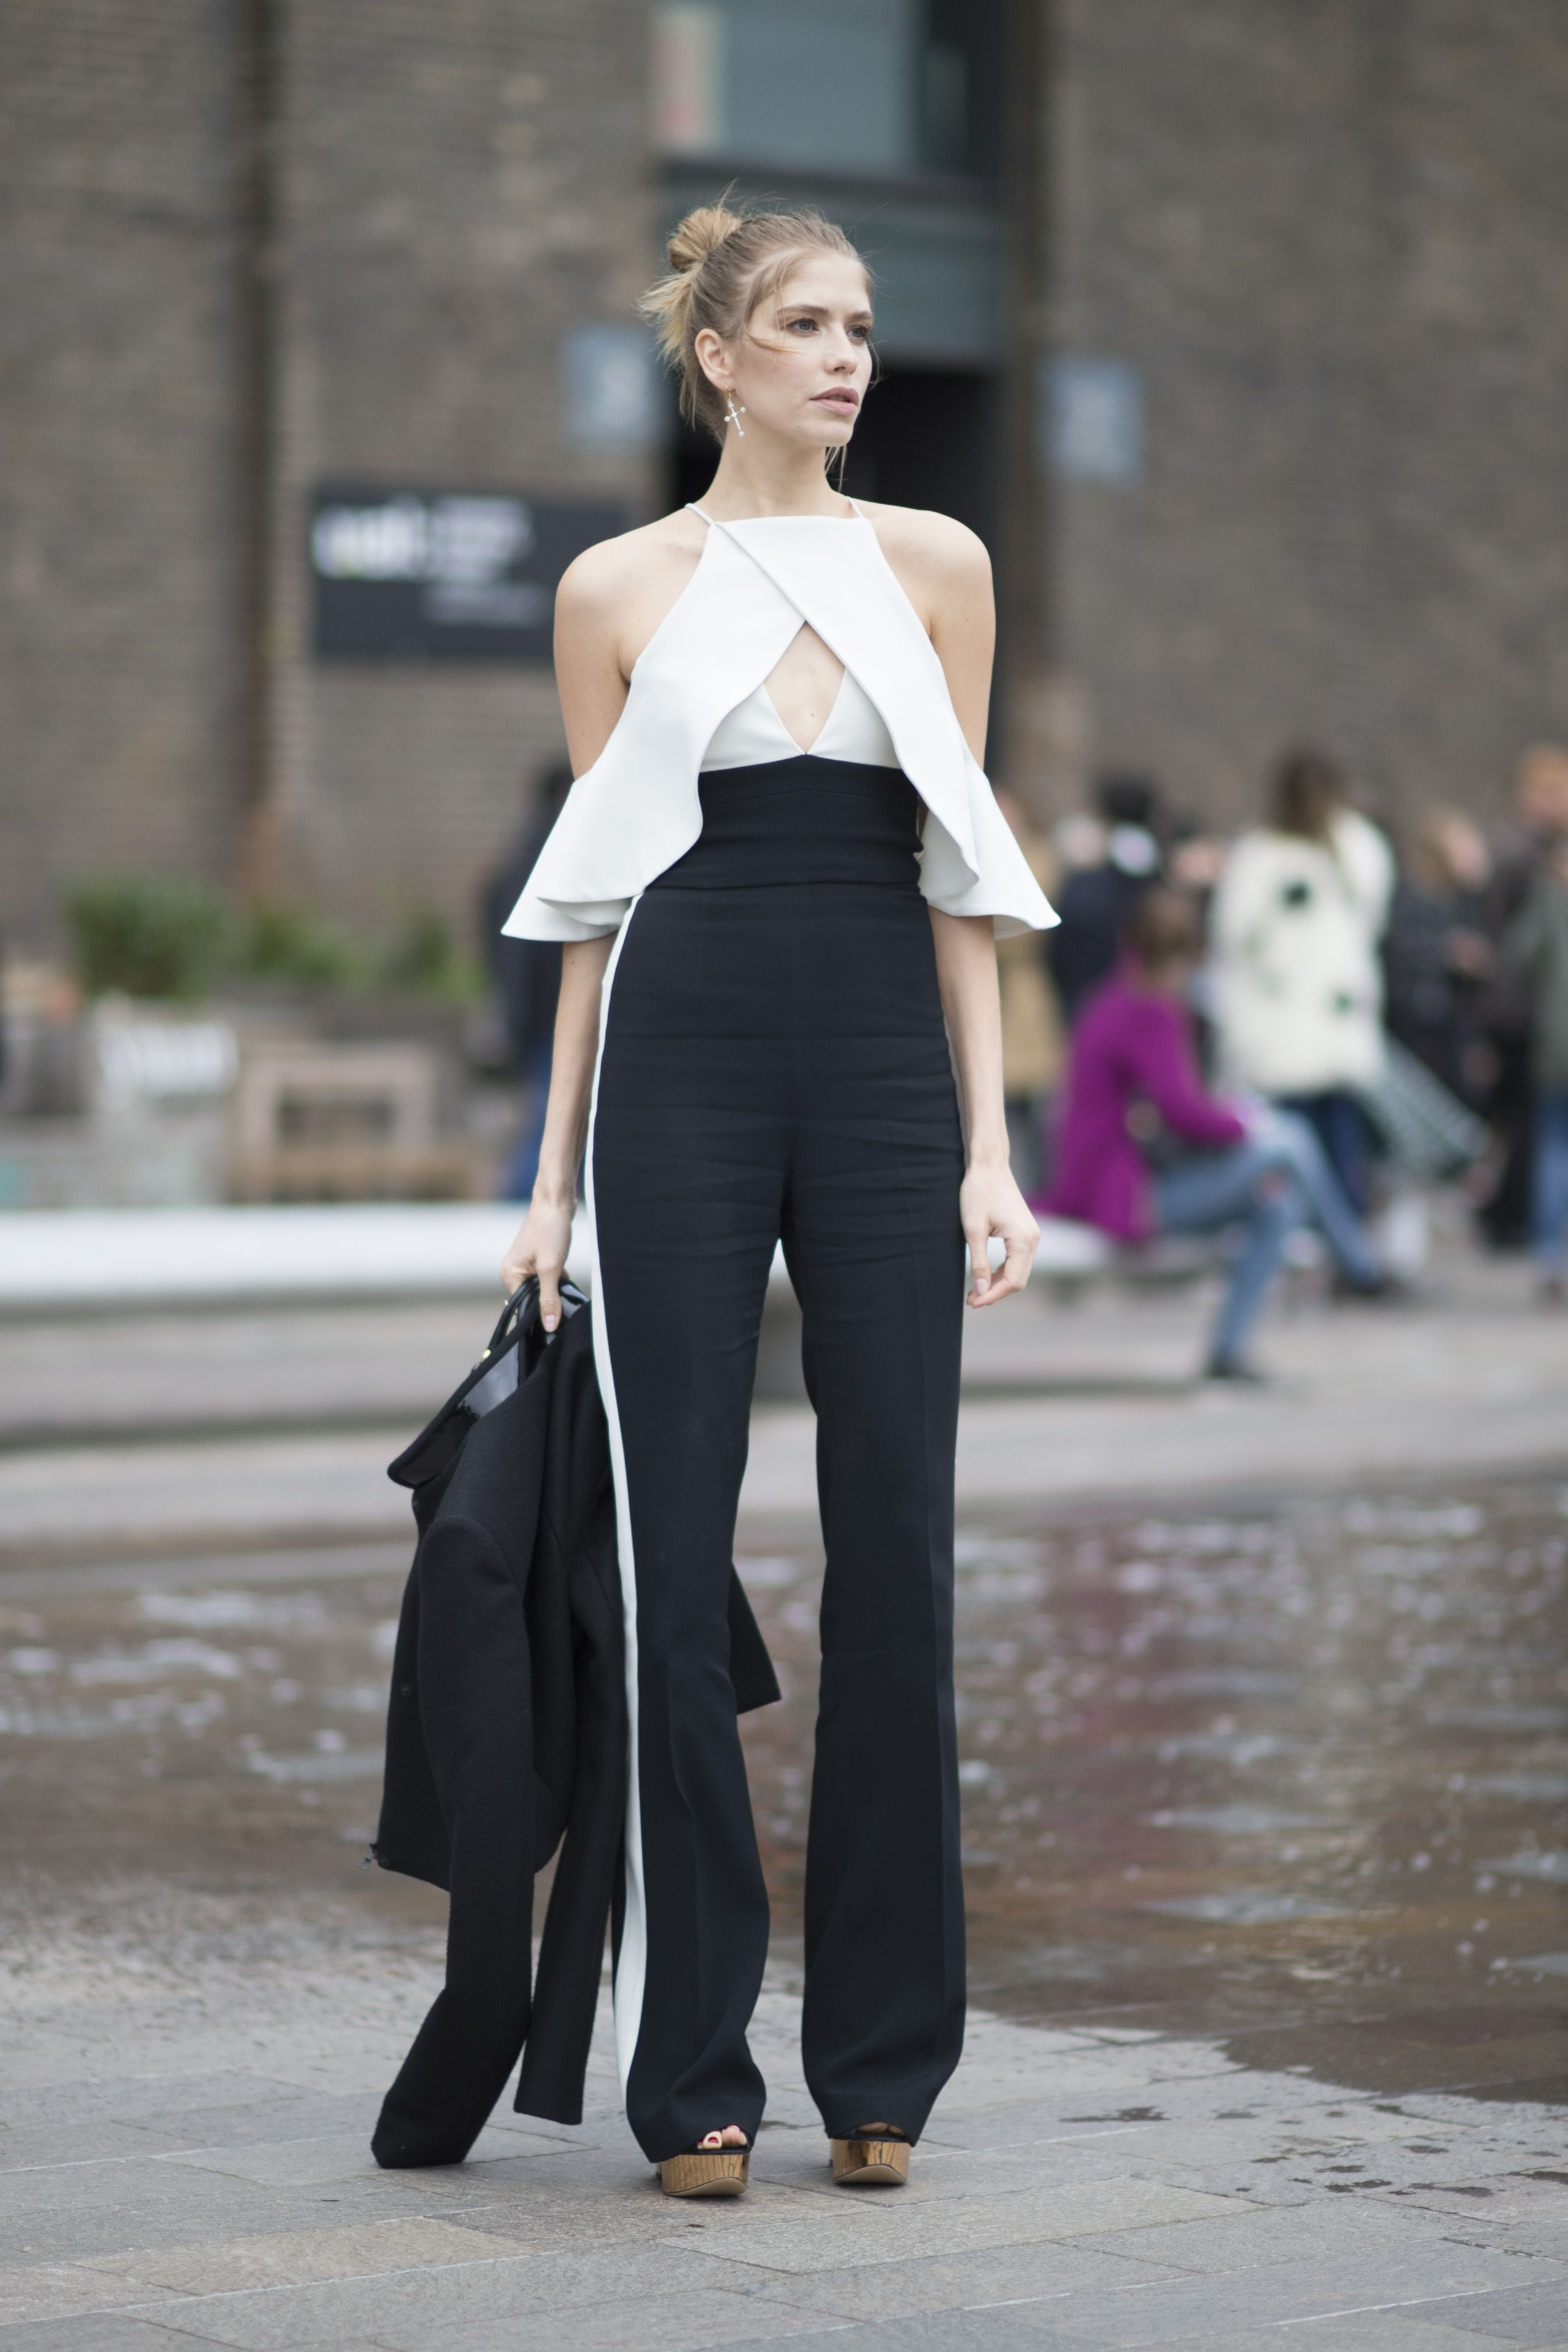 Áo yếm trắng nhún bèo và quần ống loe màu đen